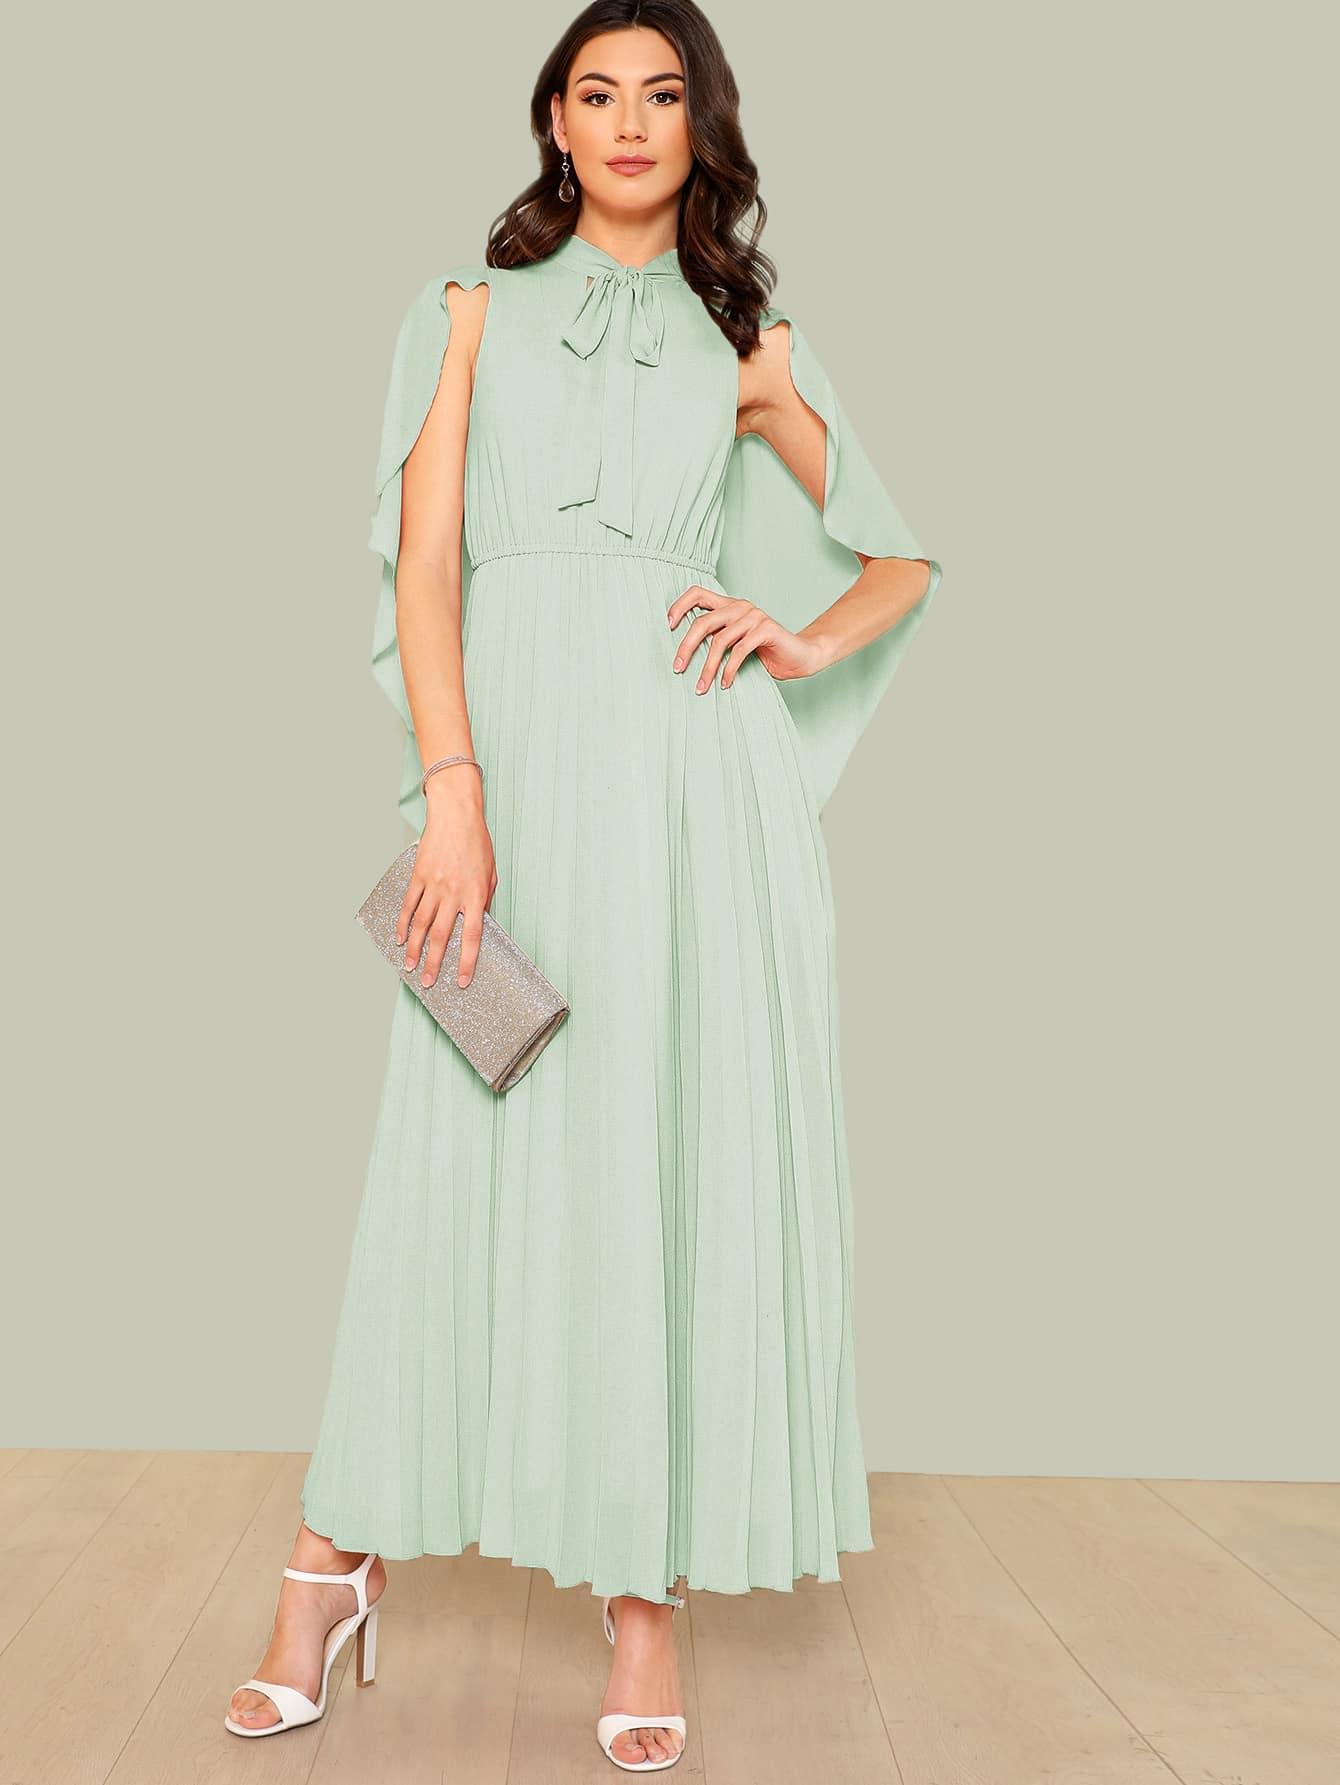 Купить Платье со складками со плащом-рукавом и с воротником-бантом, Zandria Theis, SheIn